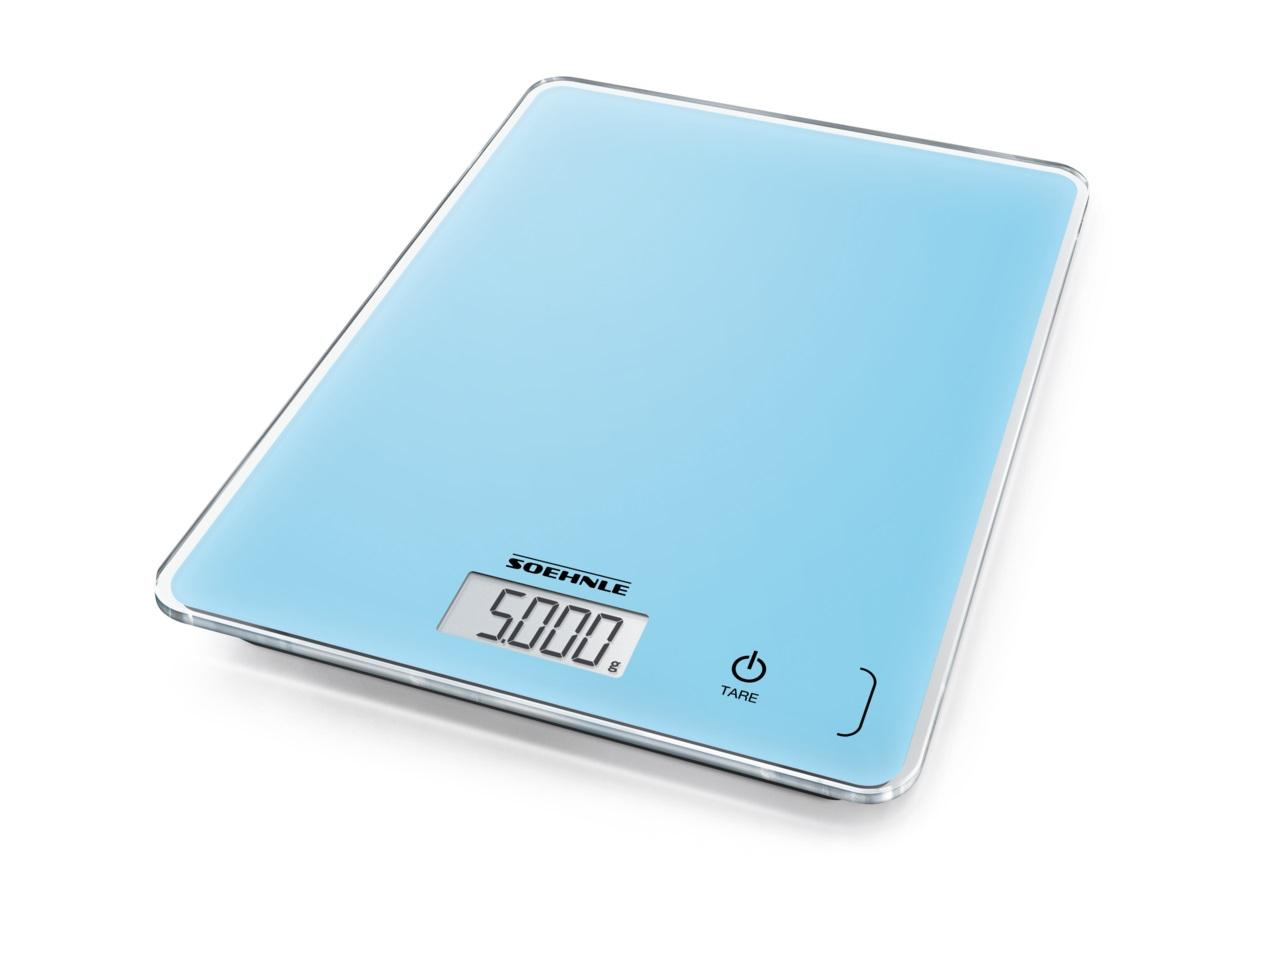 Soehnle Digitální kuchyňská váha Page Compact 300 Pale Blue 61511